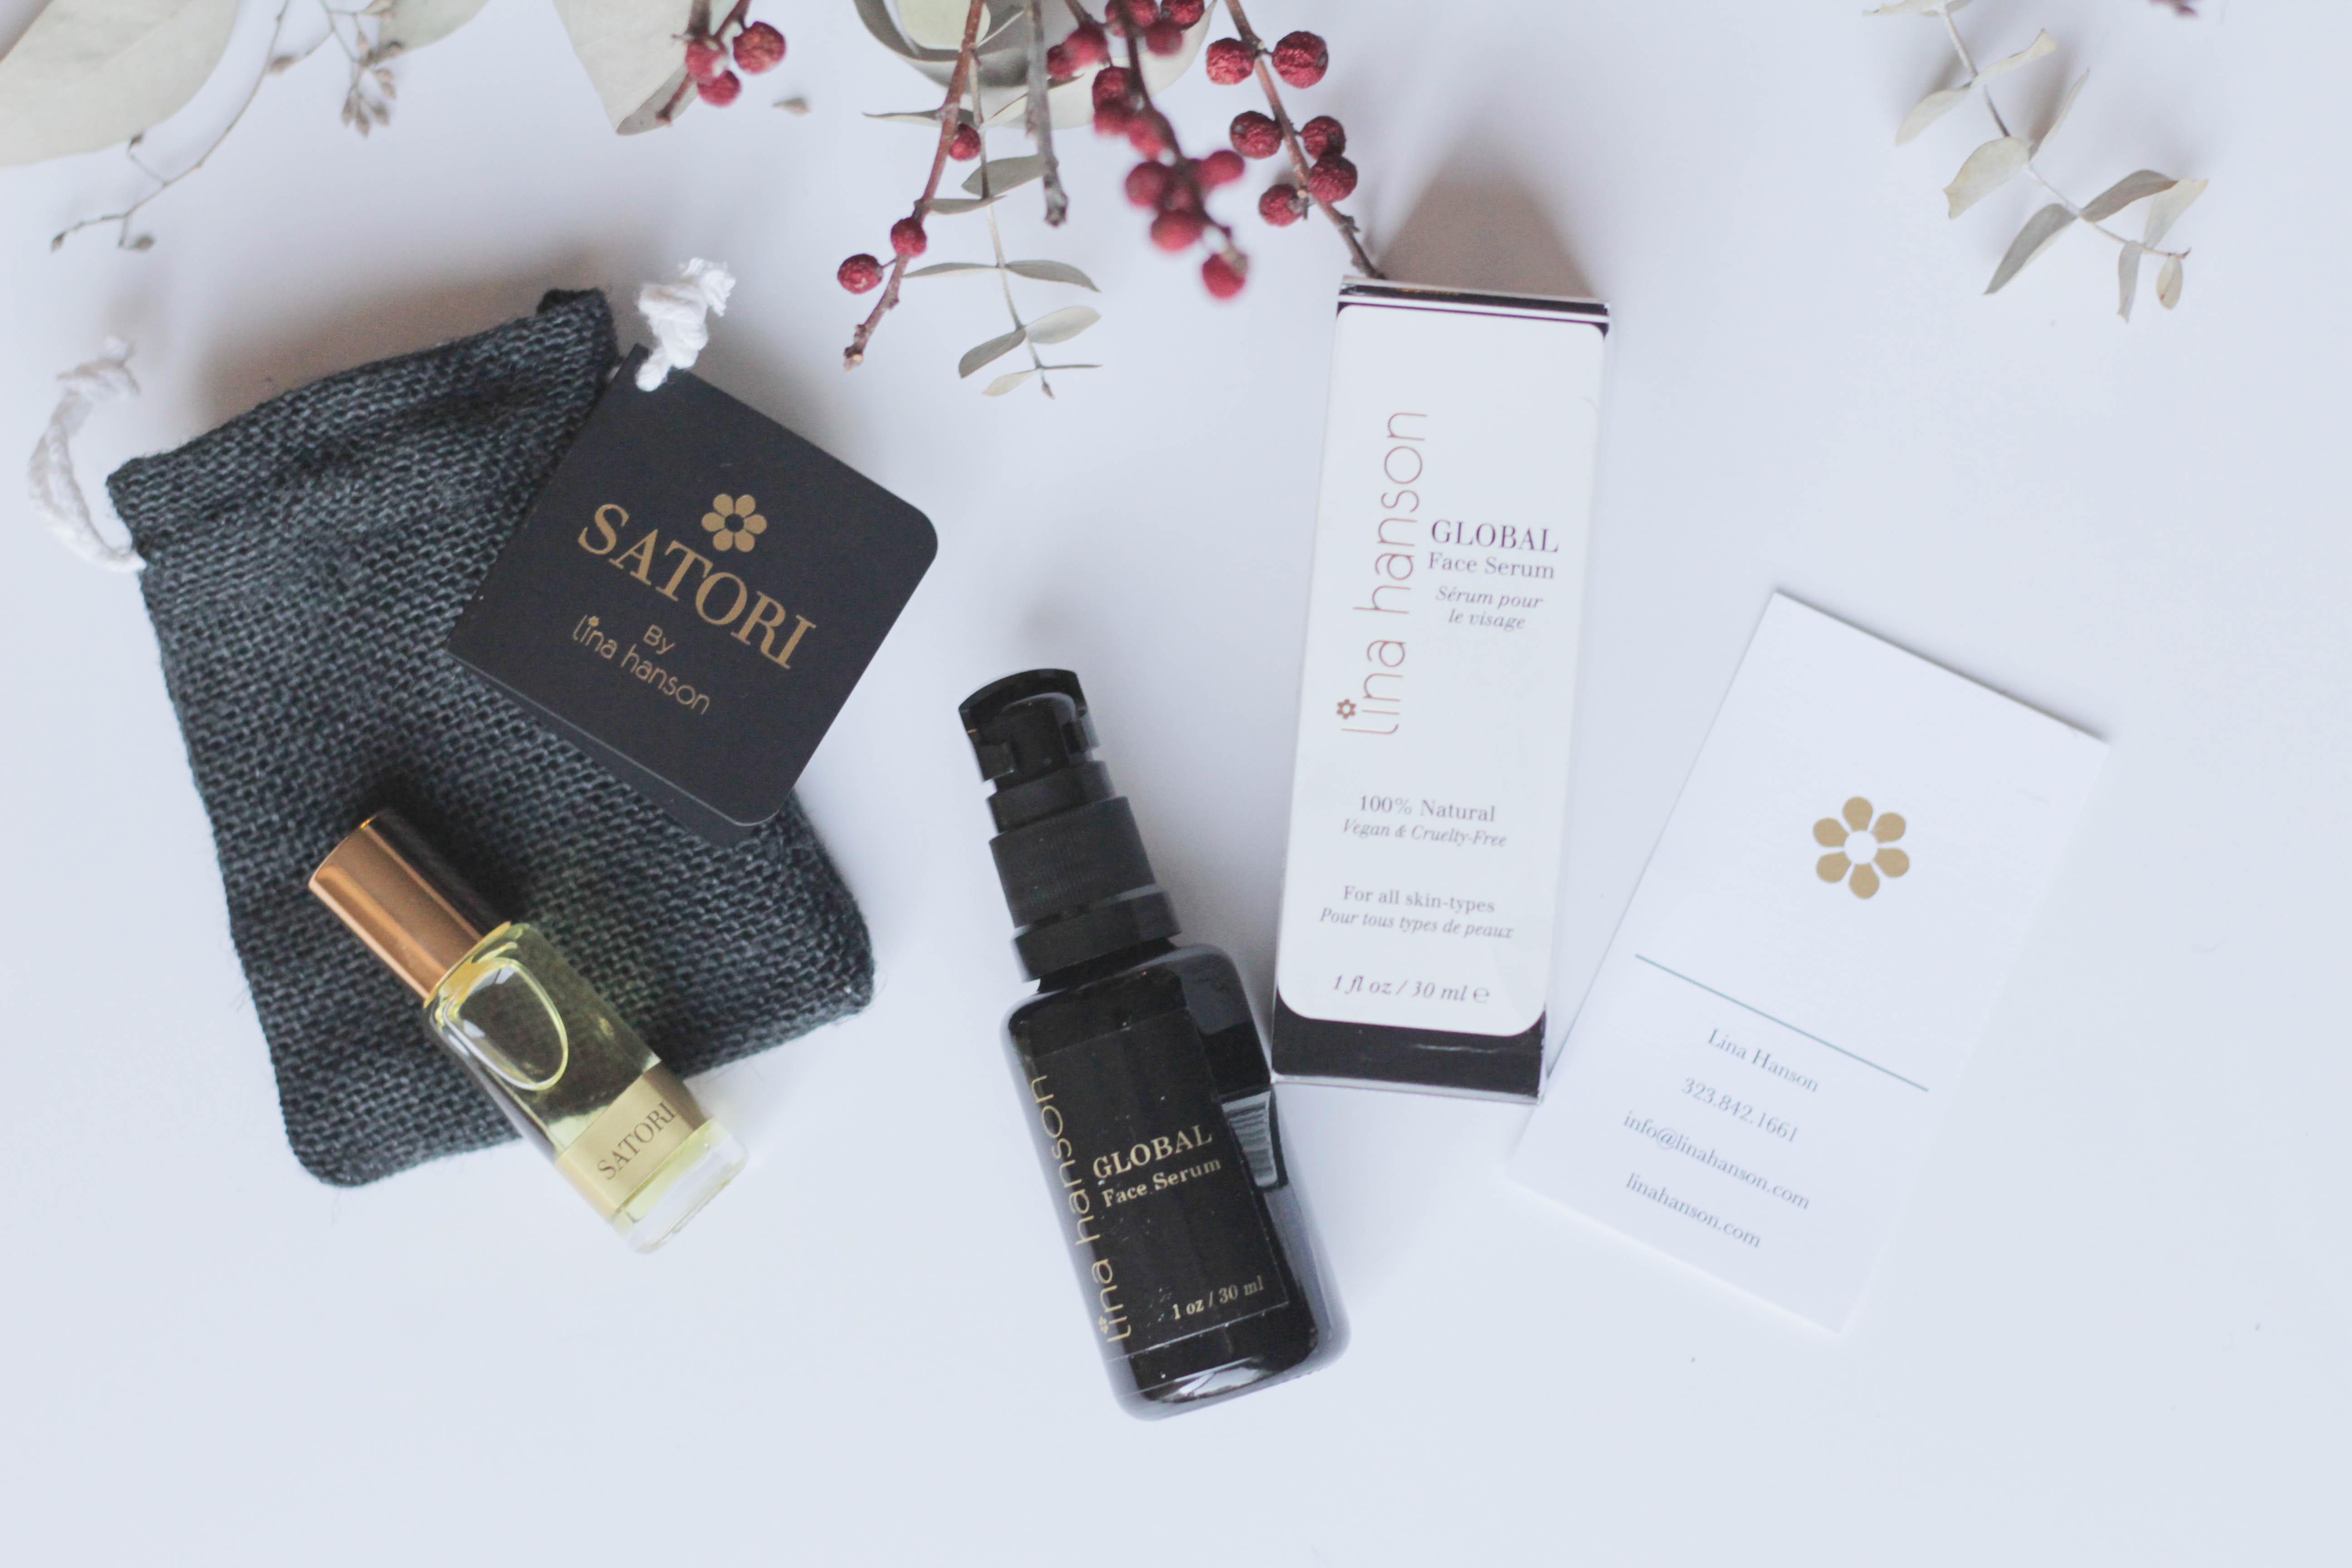 Global Face Serum, Satori Perfume Oil